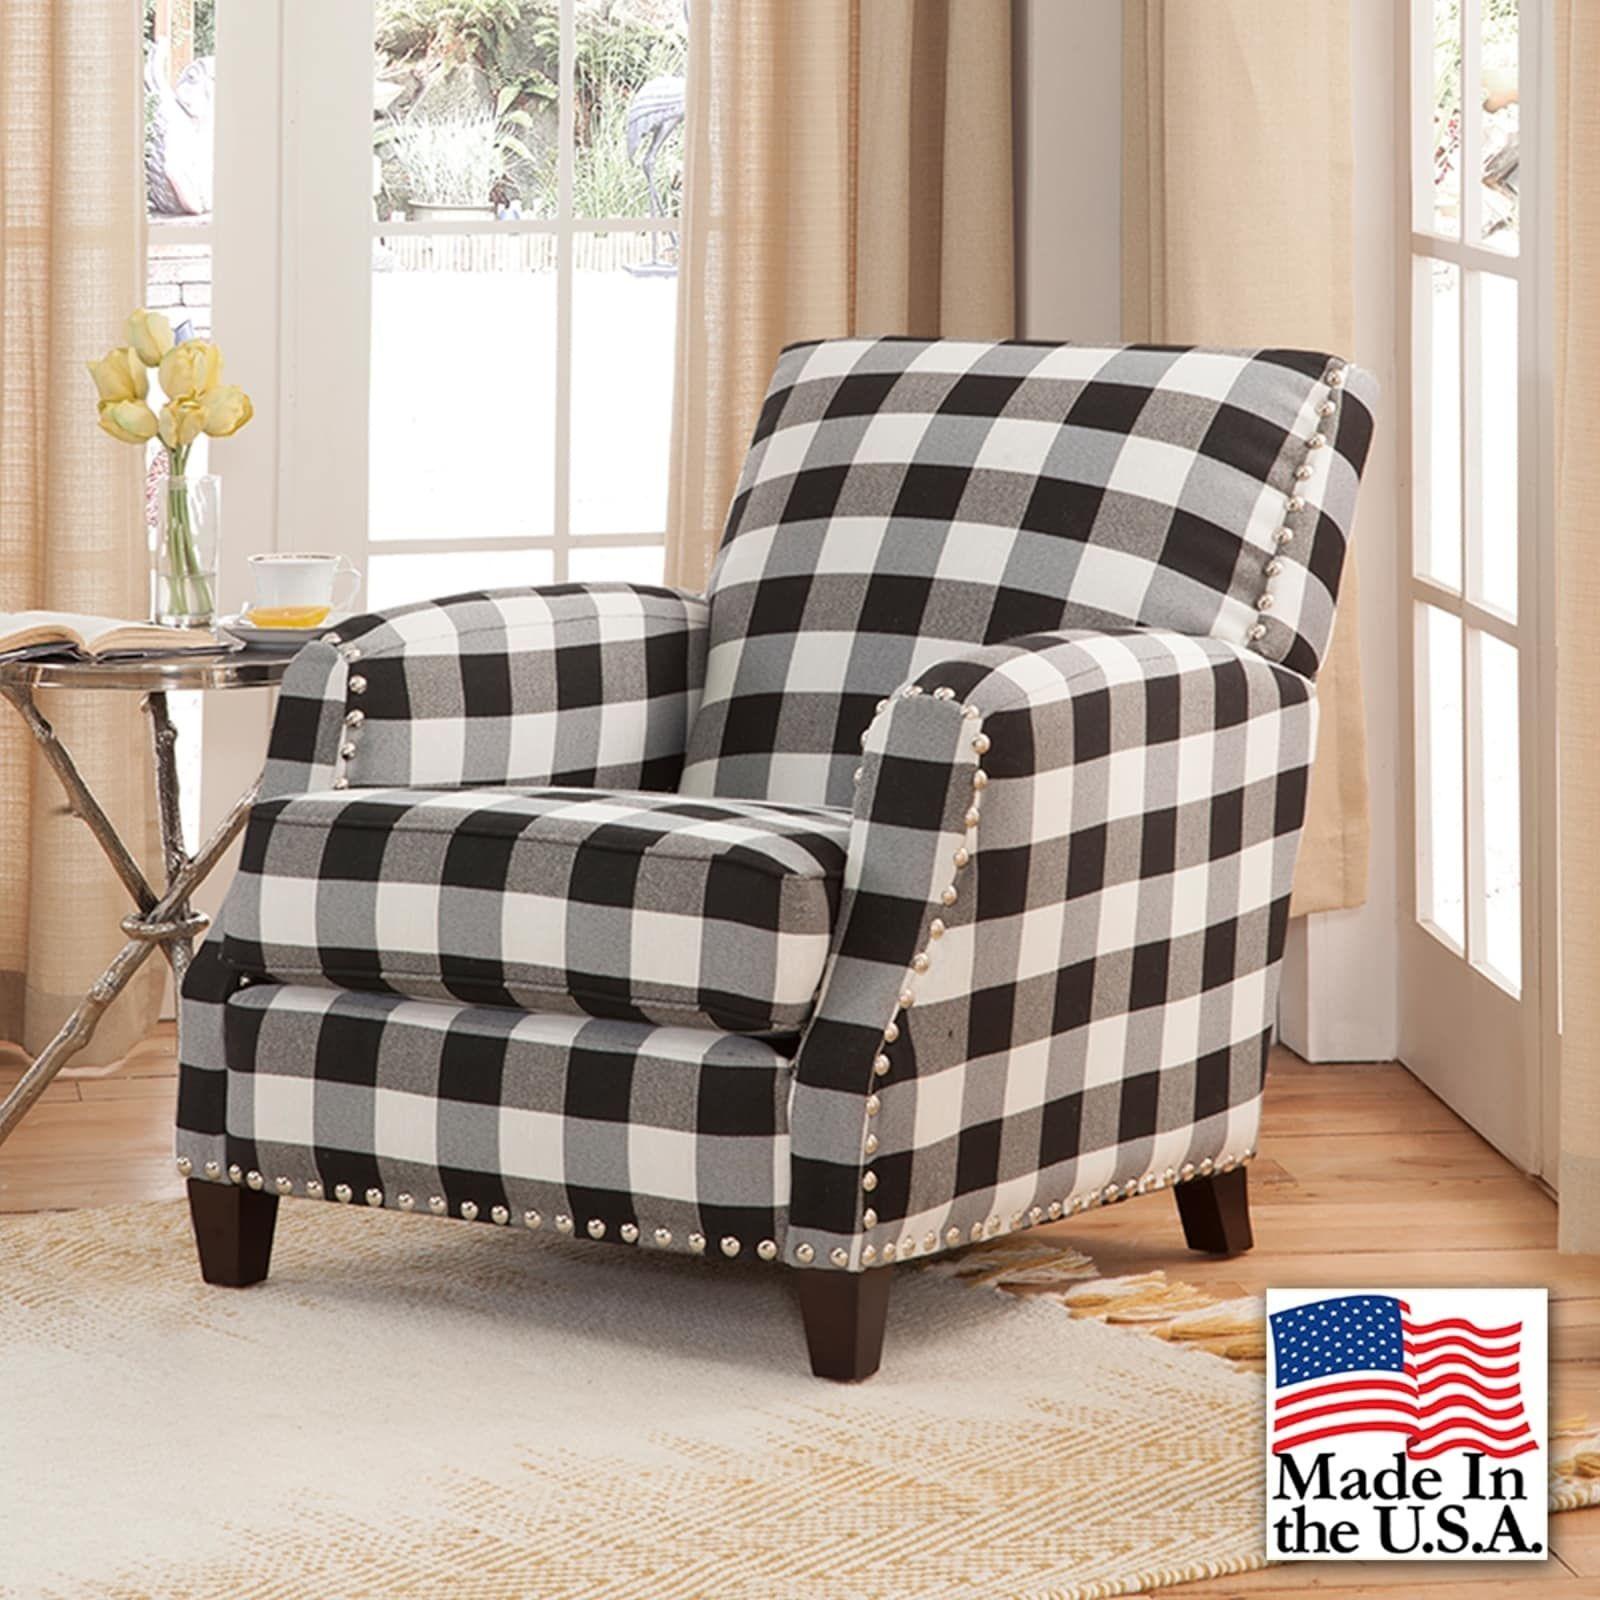 Best Holland Black And White Plaid Chair Plaid Chair Plaid 400 x 300